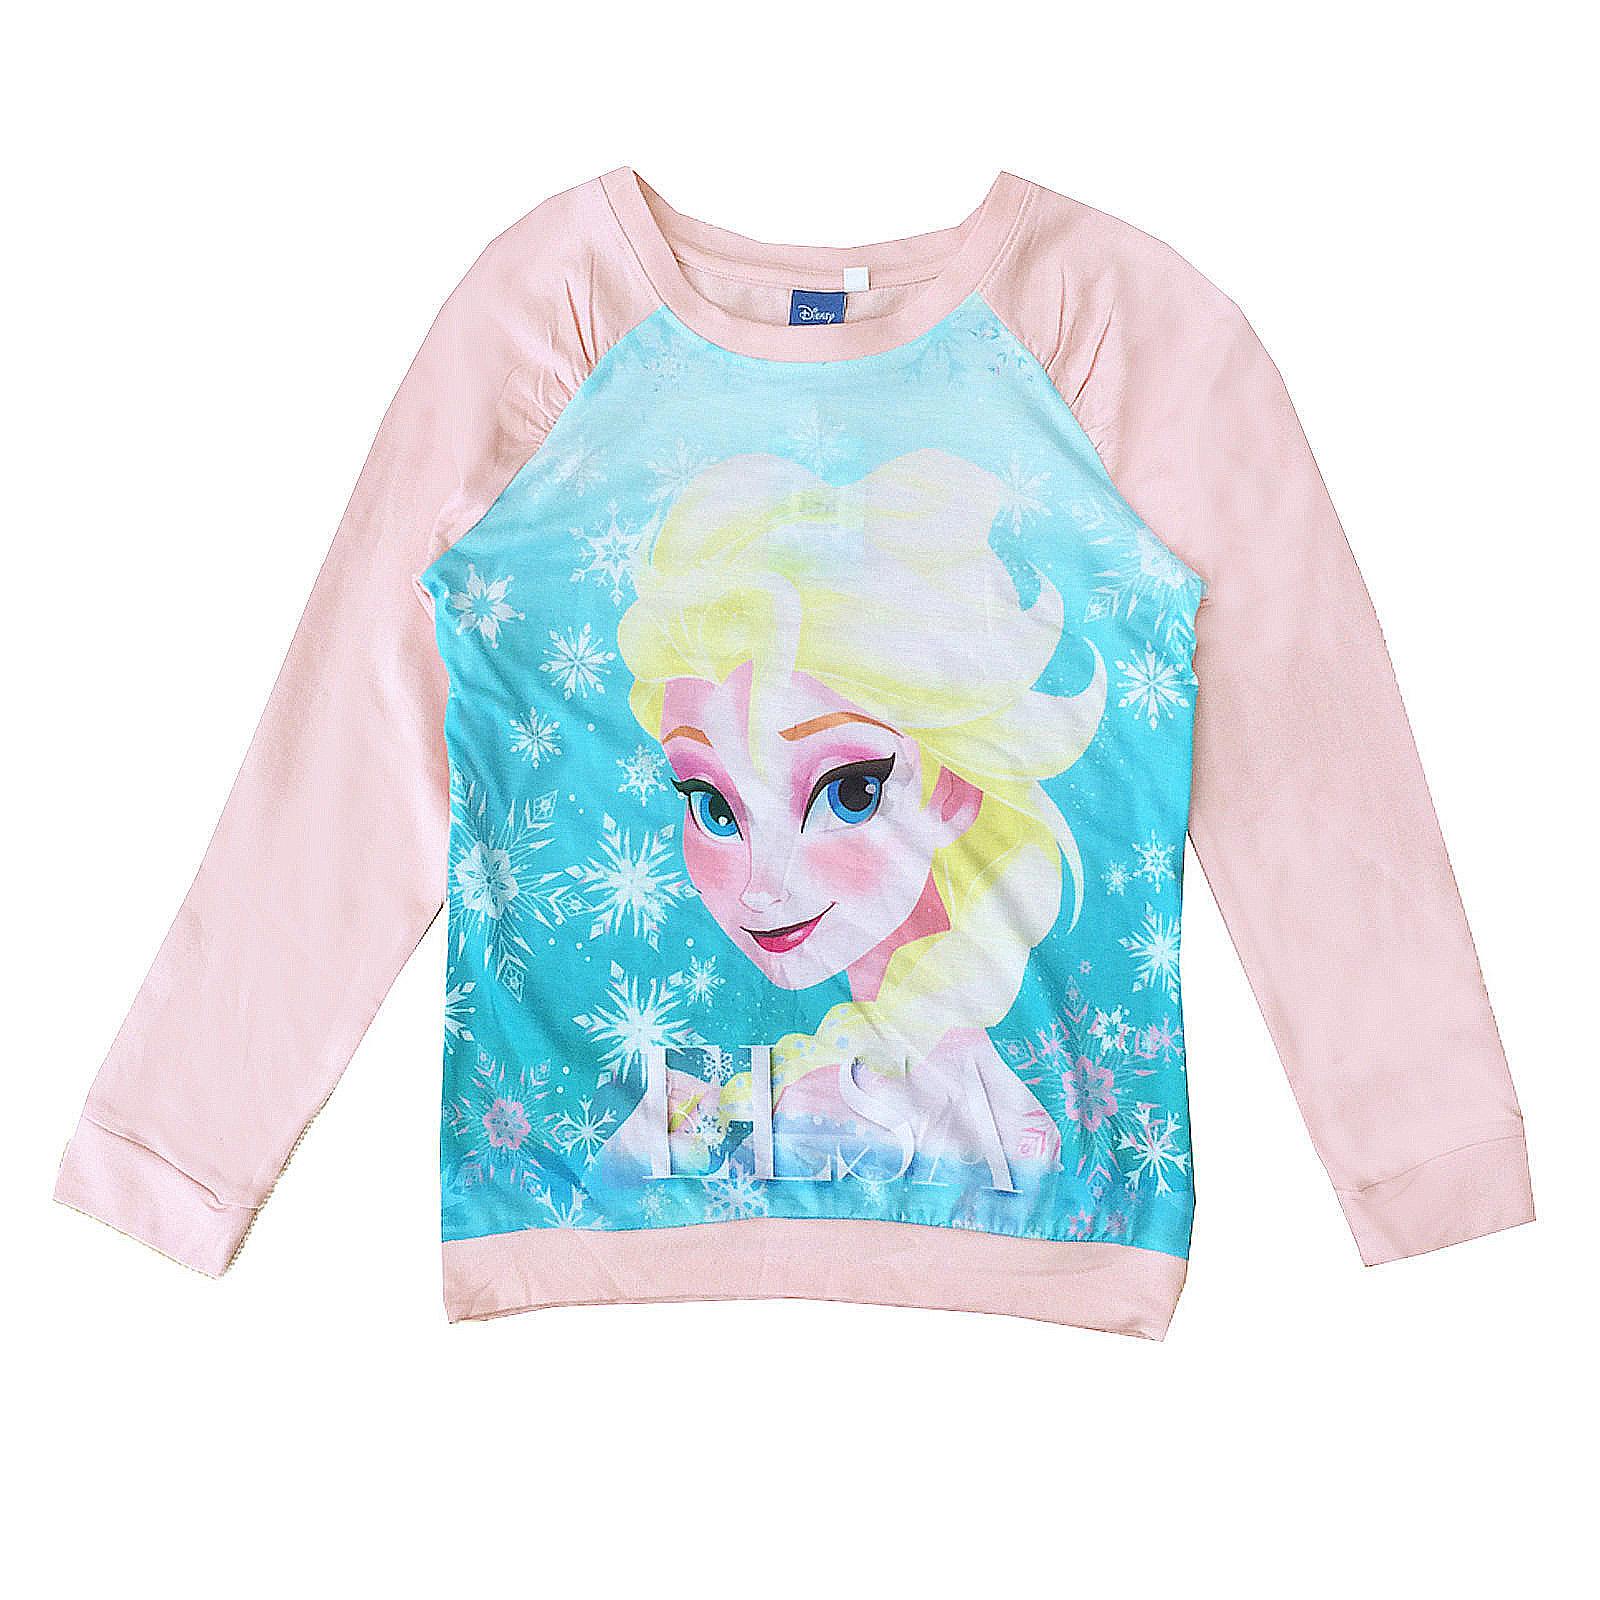 Chicas-de-Disney-Frozen-Oficial-Elsa-Camiseta-Sudadera-Reina-de-Nieve-aclaramiento-final miniatura 3